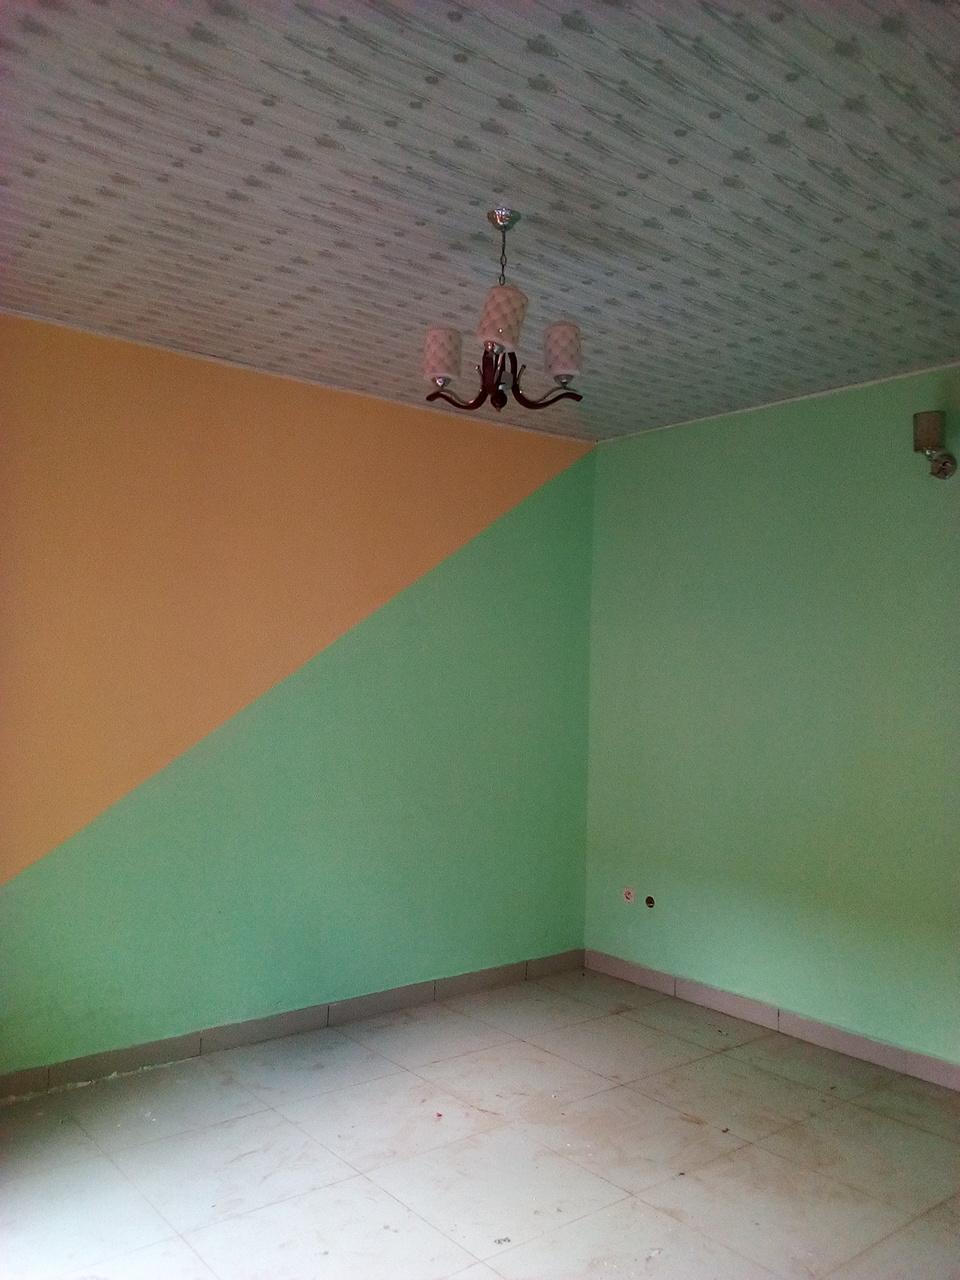 Appartement à louer - Yaoundé, Mimboman I, pas loin de dernier poteau - 1 salon(s), 1 chambre(s), 1 salle(s) de bains - 85 000 FCFA / mois